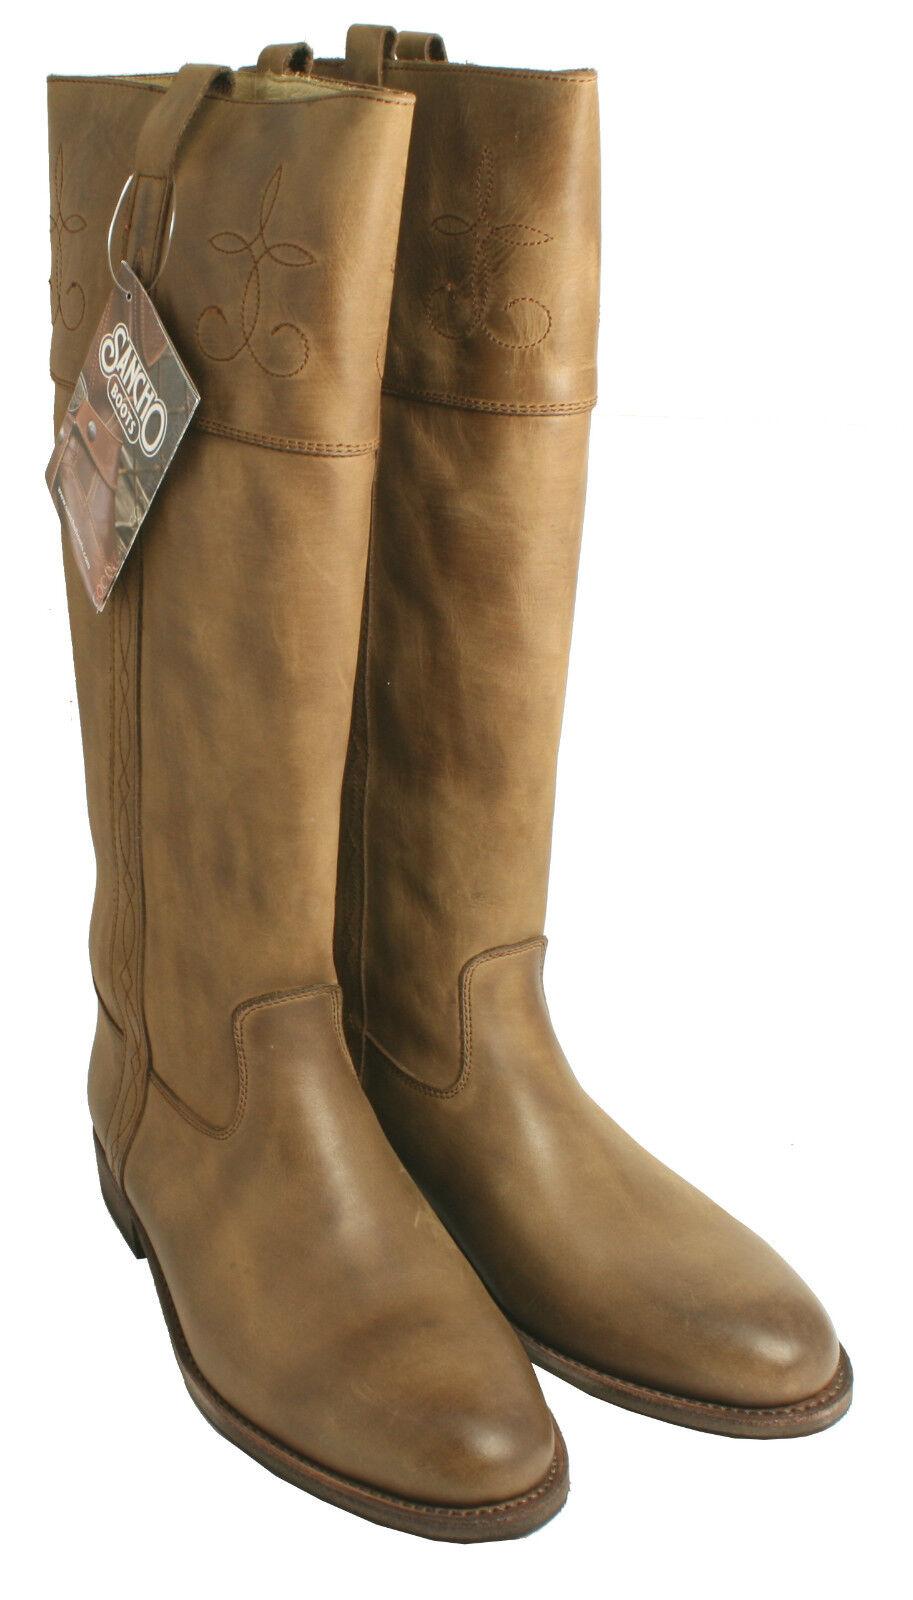 Botas cowboy Unisex Knee High Sancho estilo 8202 tabaco UE tamaño 41 (tamaño de Reino Unido 7)